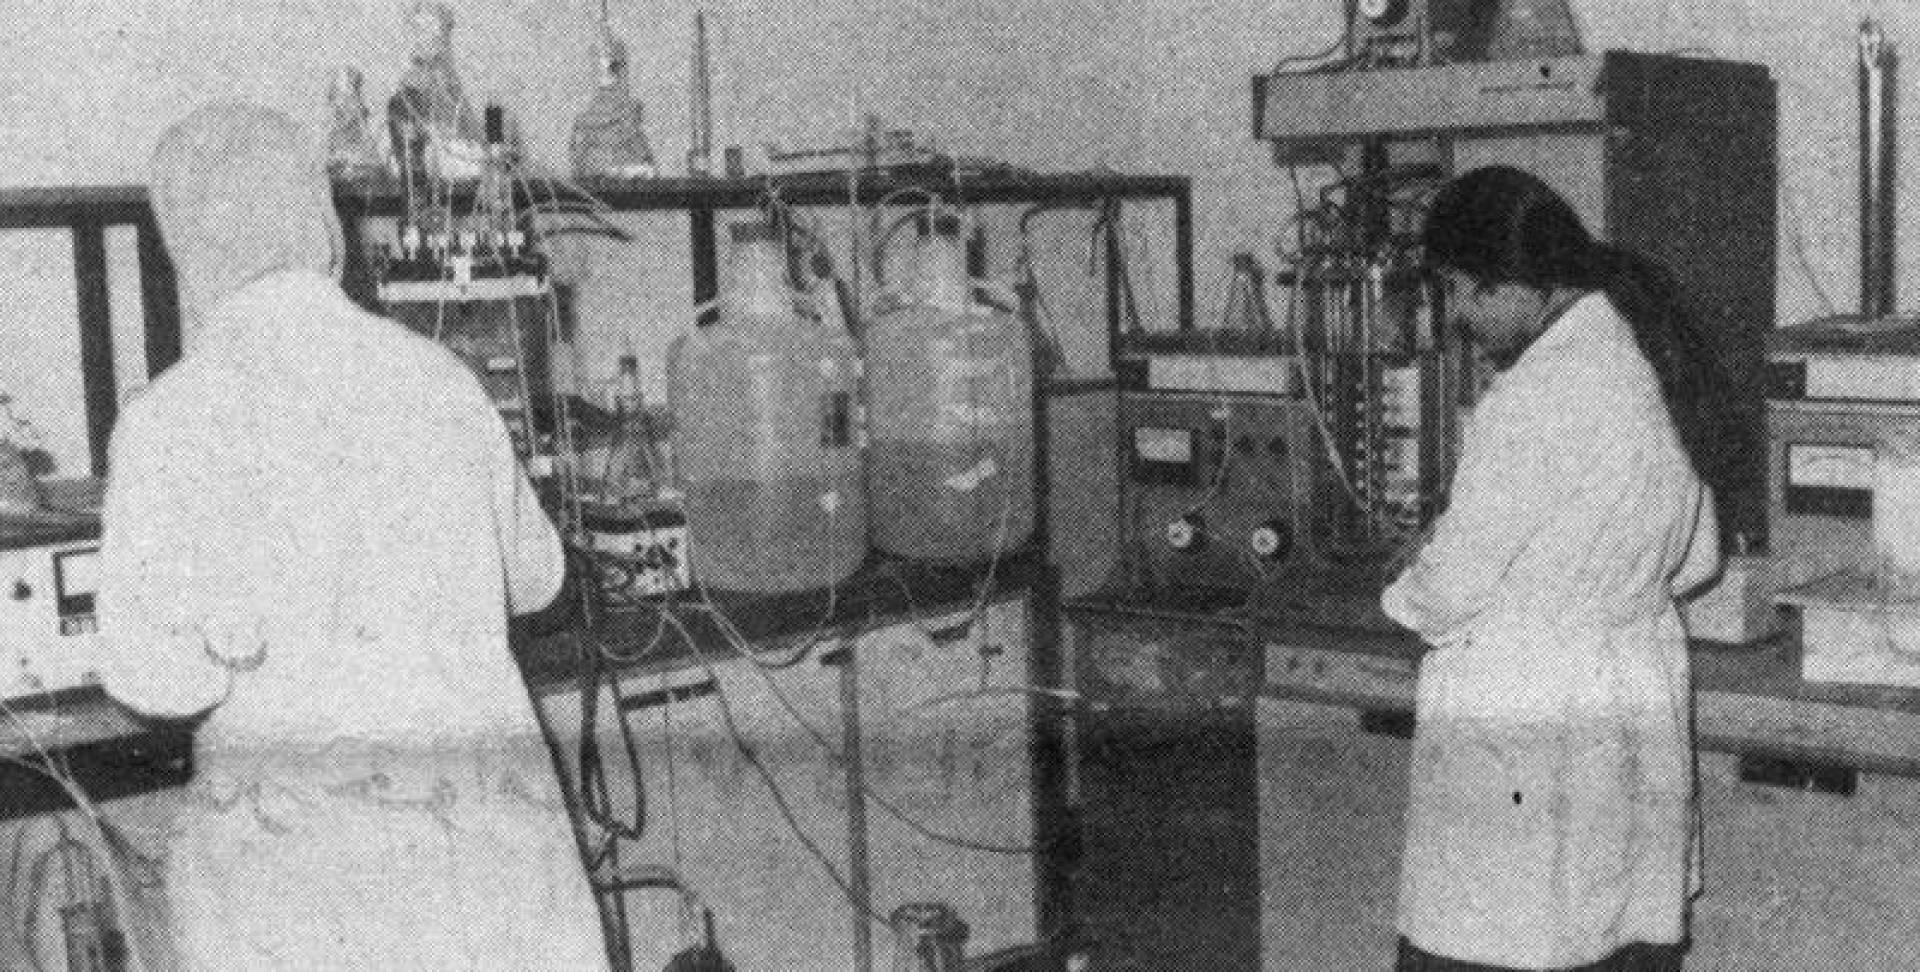 غرفة التخمير بالمرحلة الأولى من مشروع البروتين الغذائي